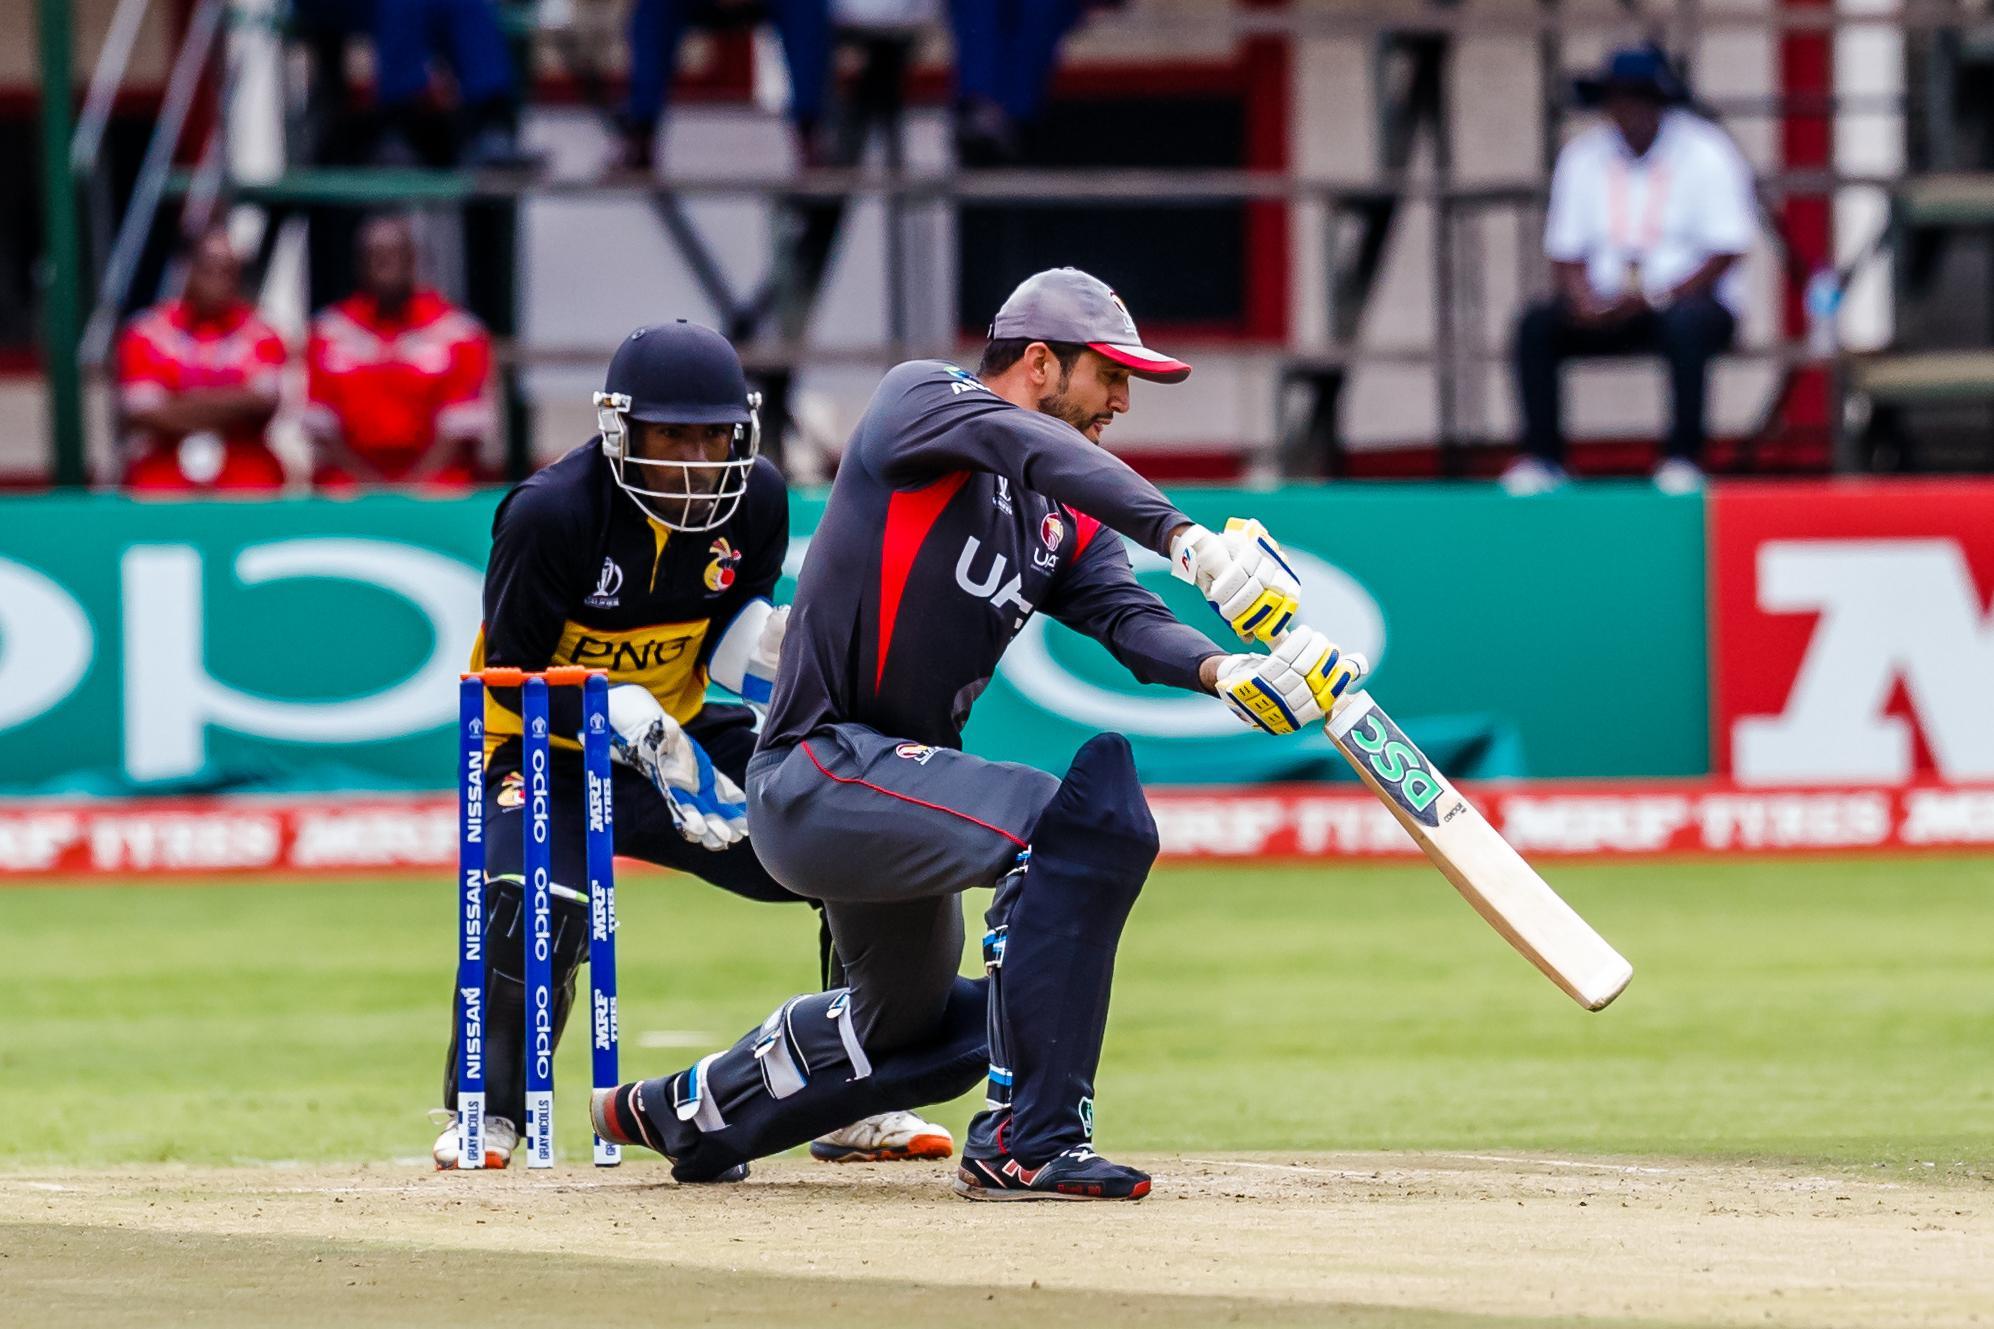 Icc Cricket World Cup Qualifier